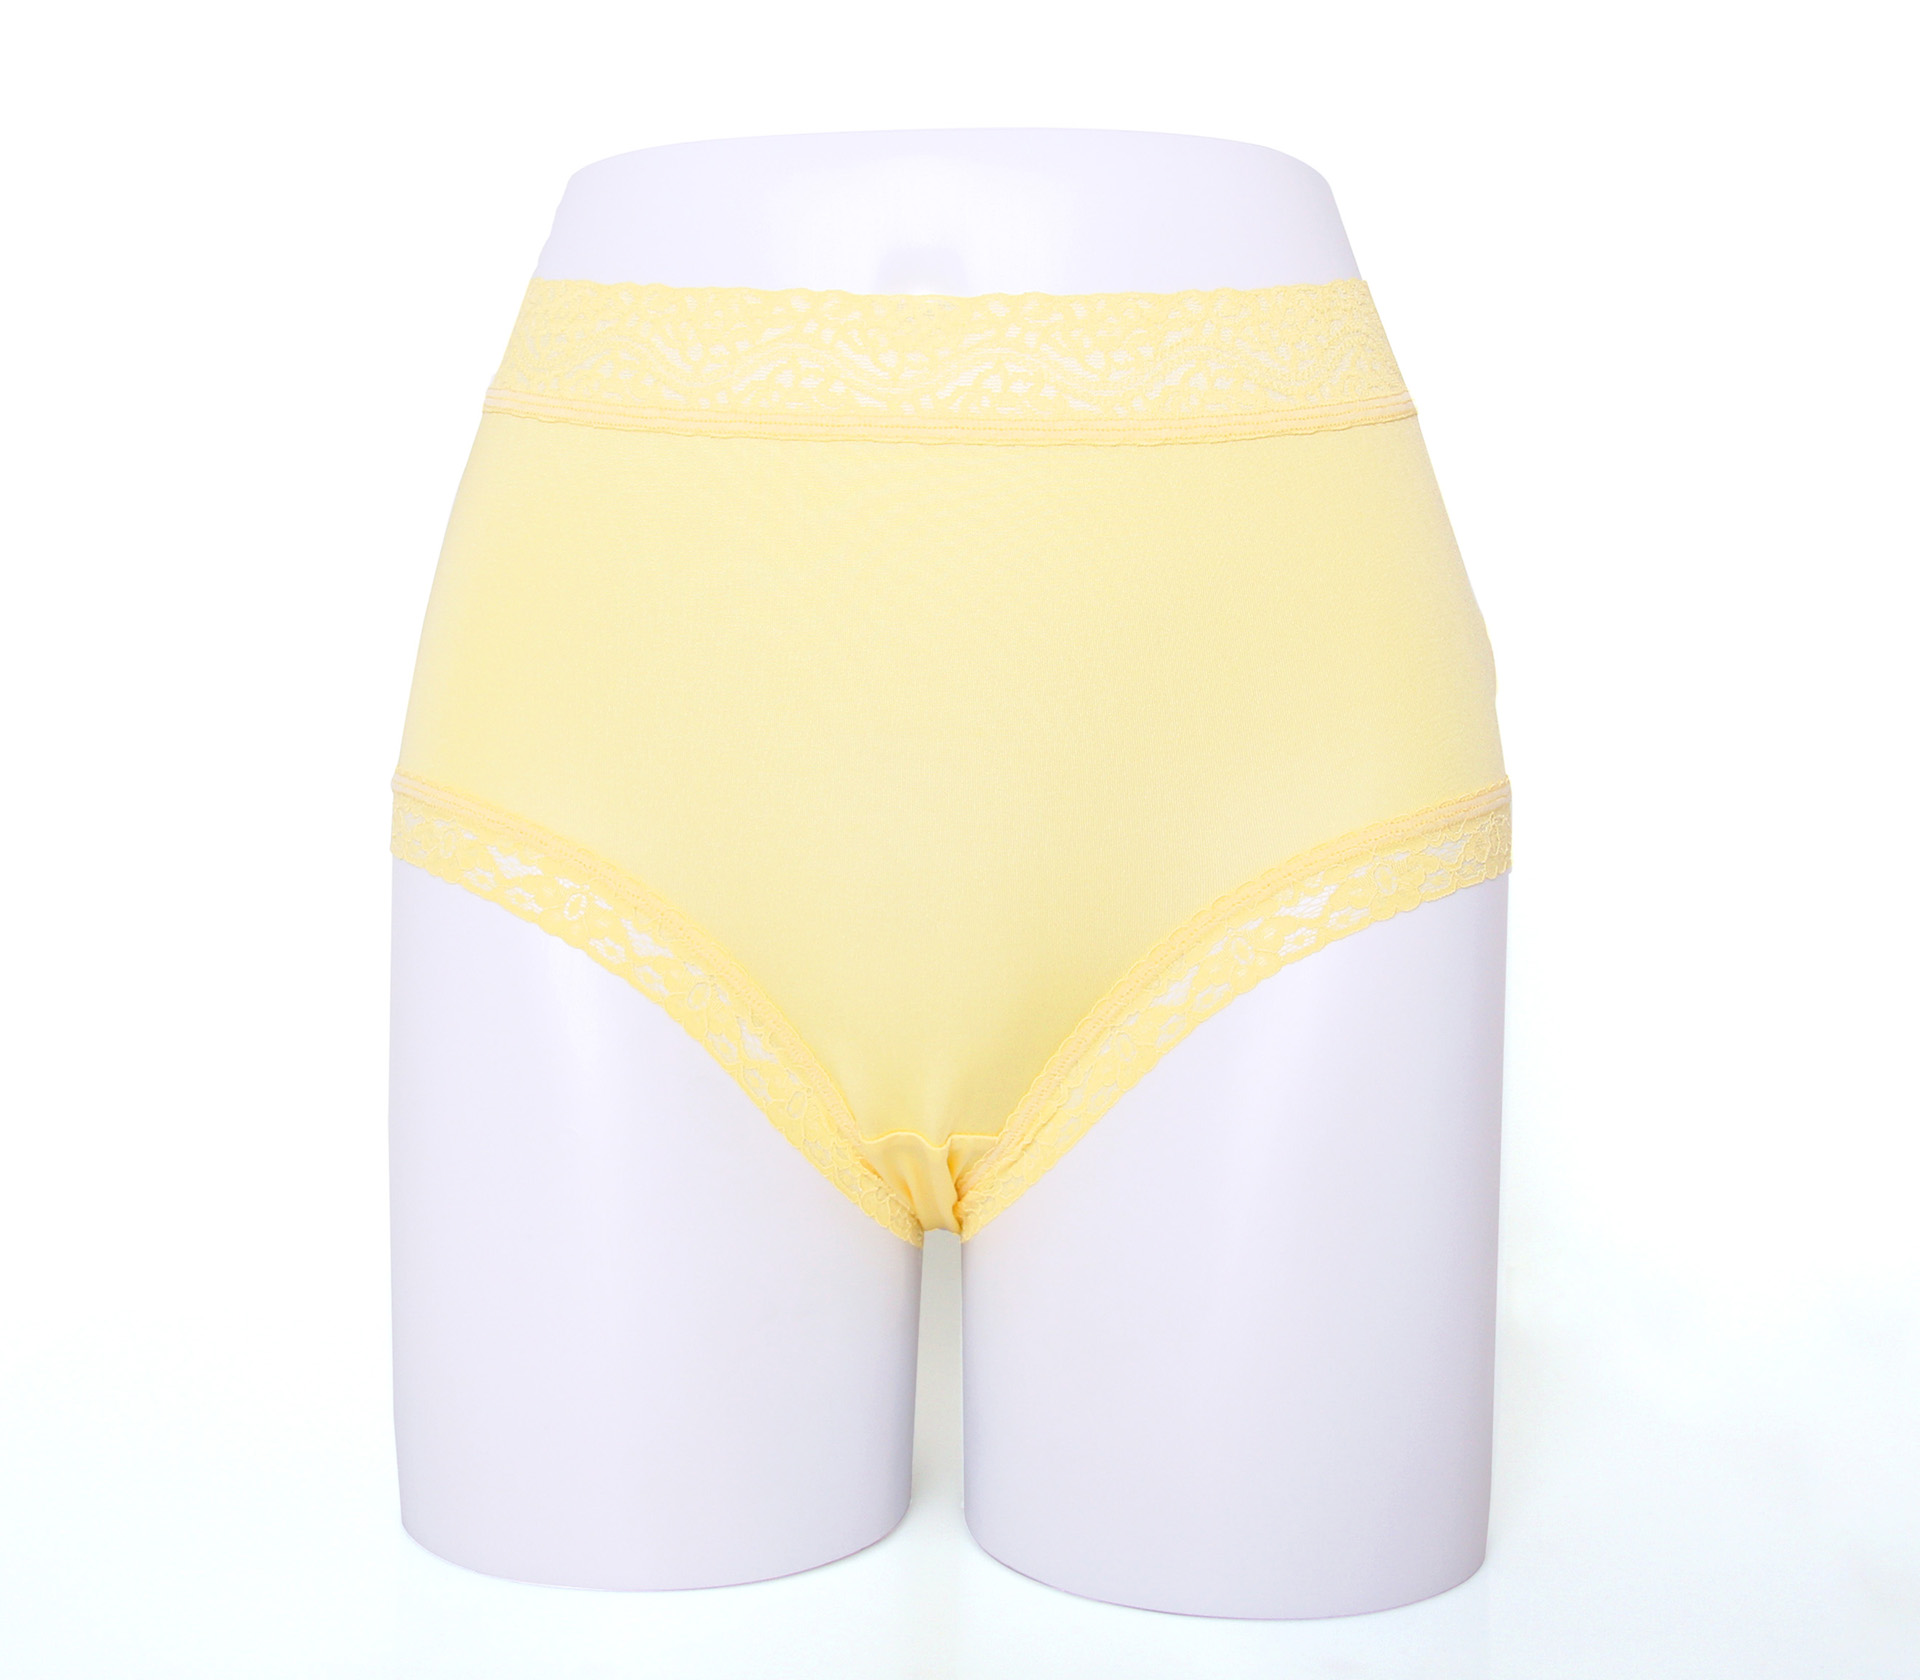 闕蘭絹32針超涼春蠶100%蠶絲內褲-88112(黃)